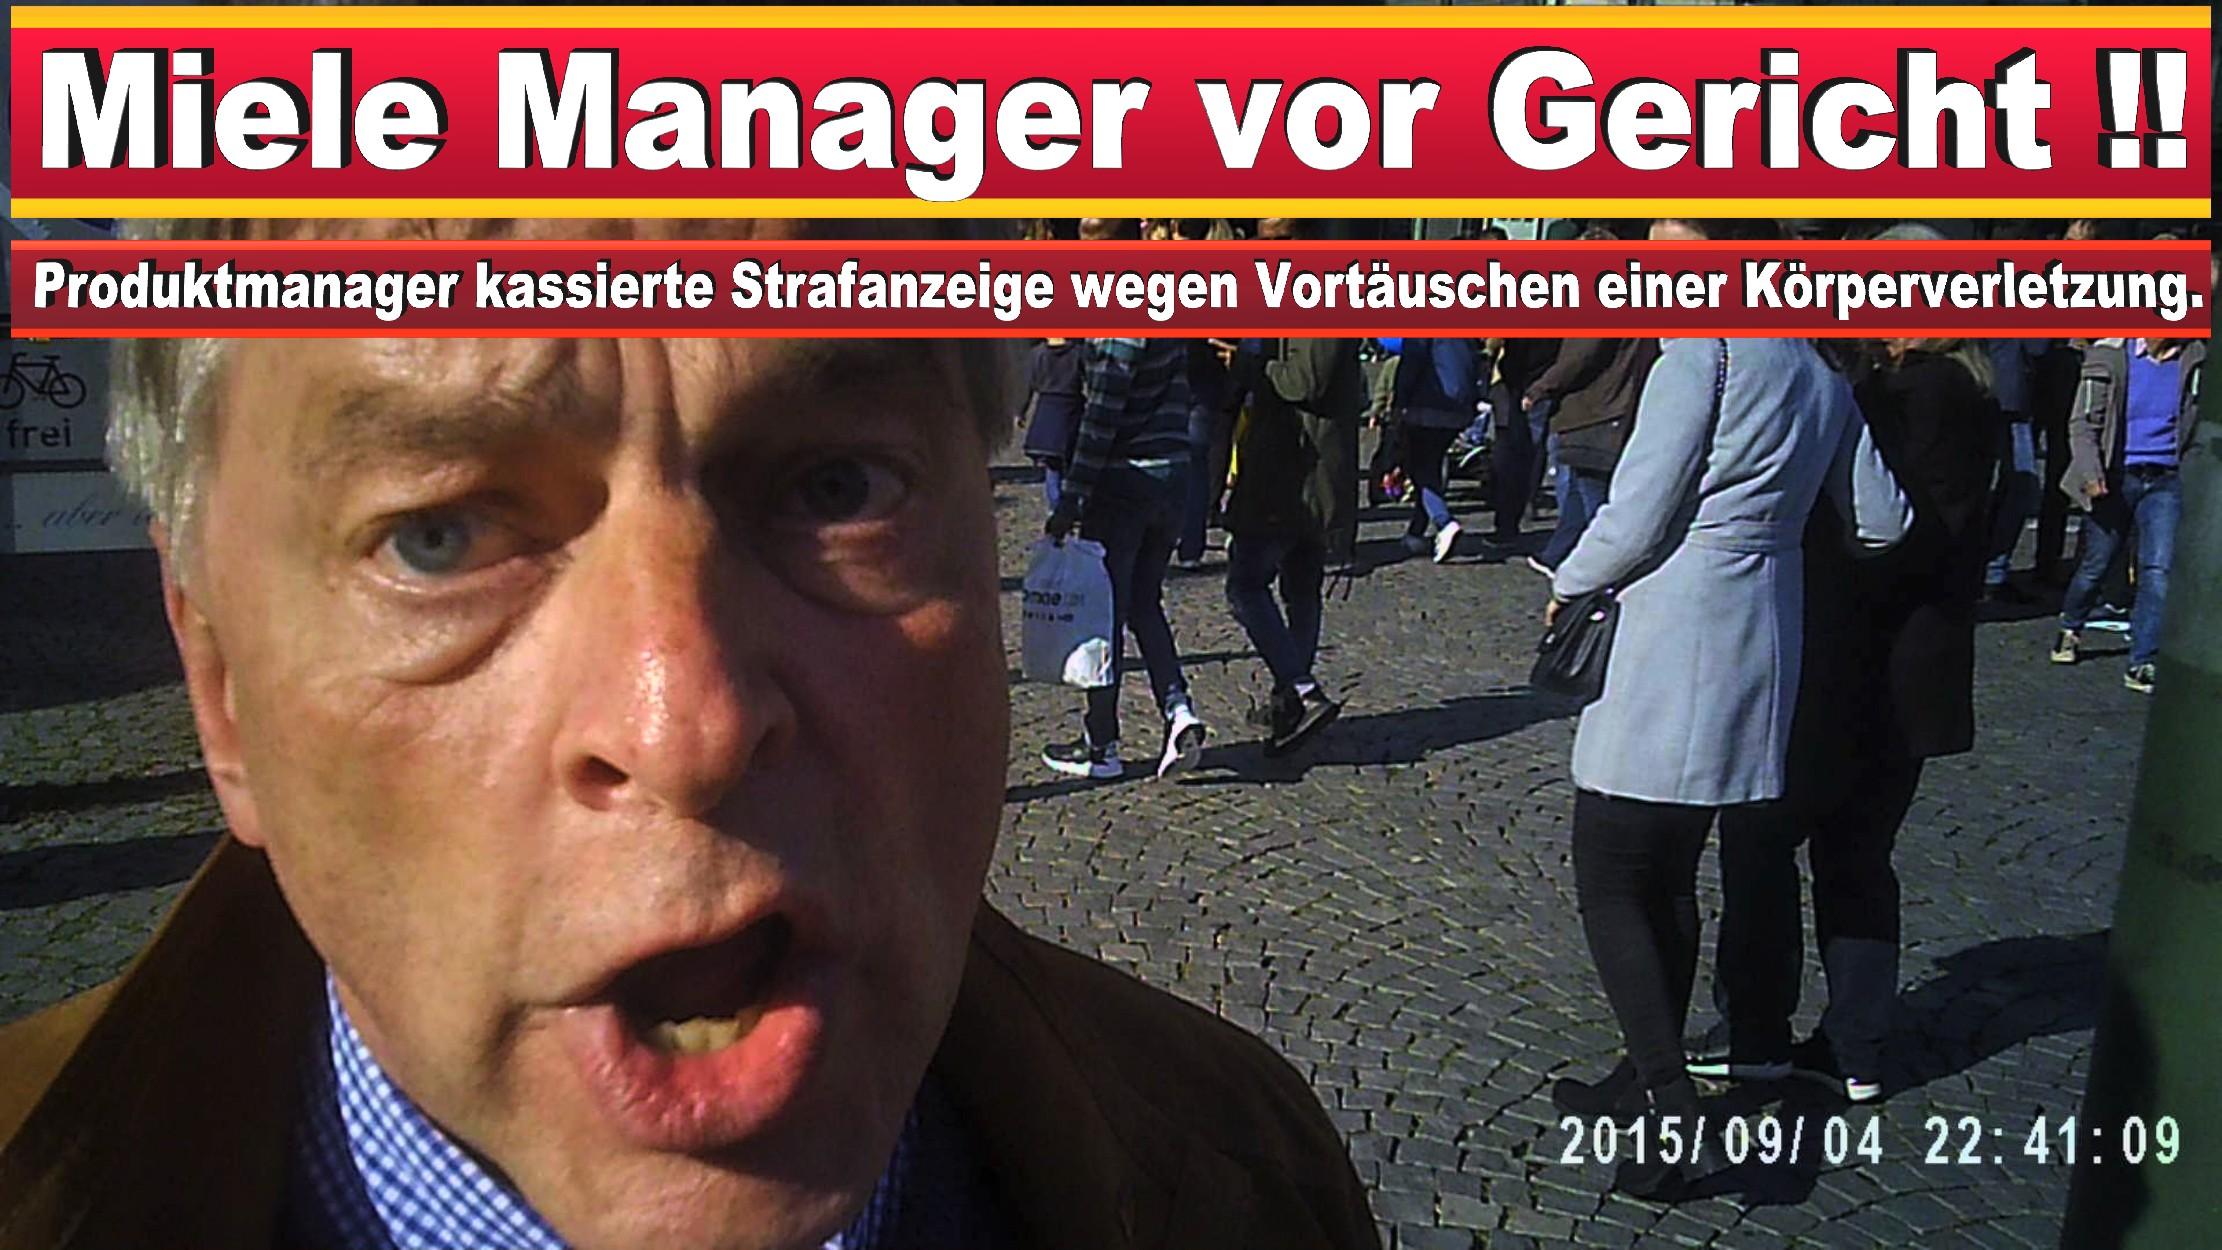 CDU BIELEFELD POLIZEIGEWALT GEWALTAUSBRUCH UND STRAFANZEIGE GEGEN EINEN JOURNALISTEN (10)